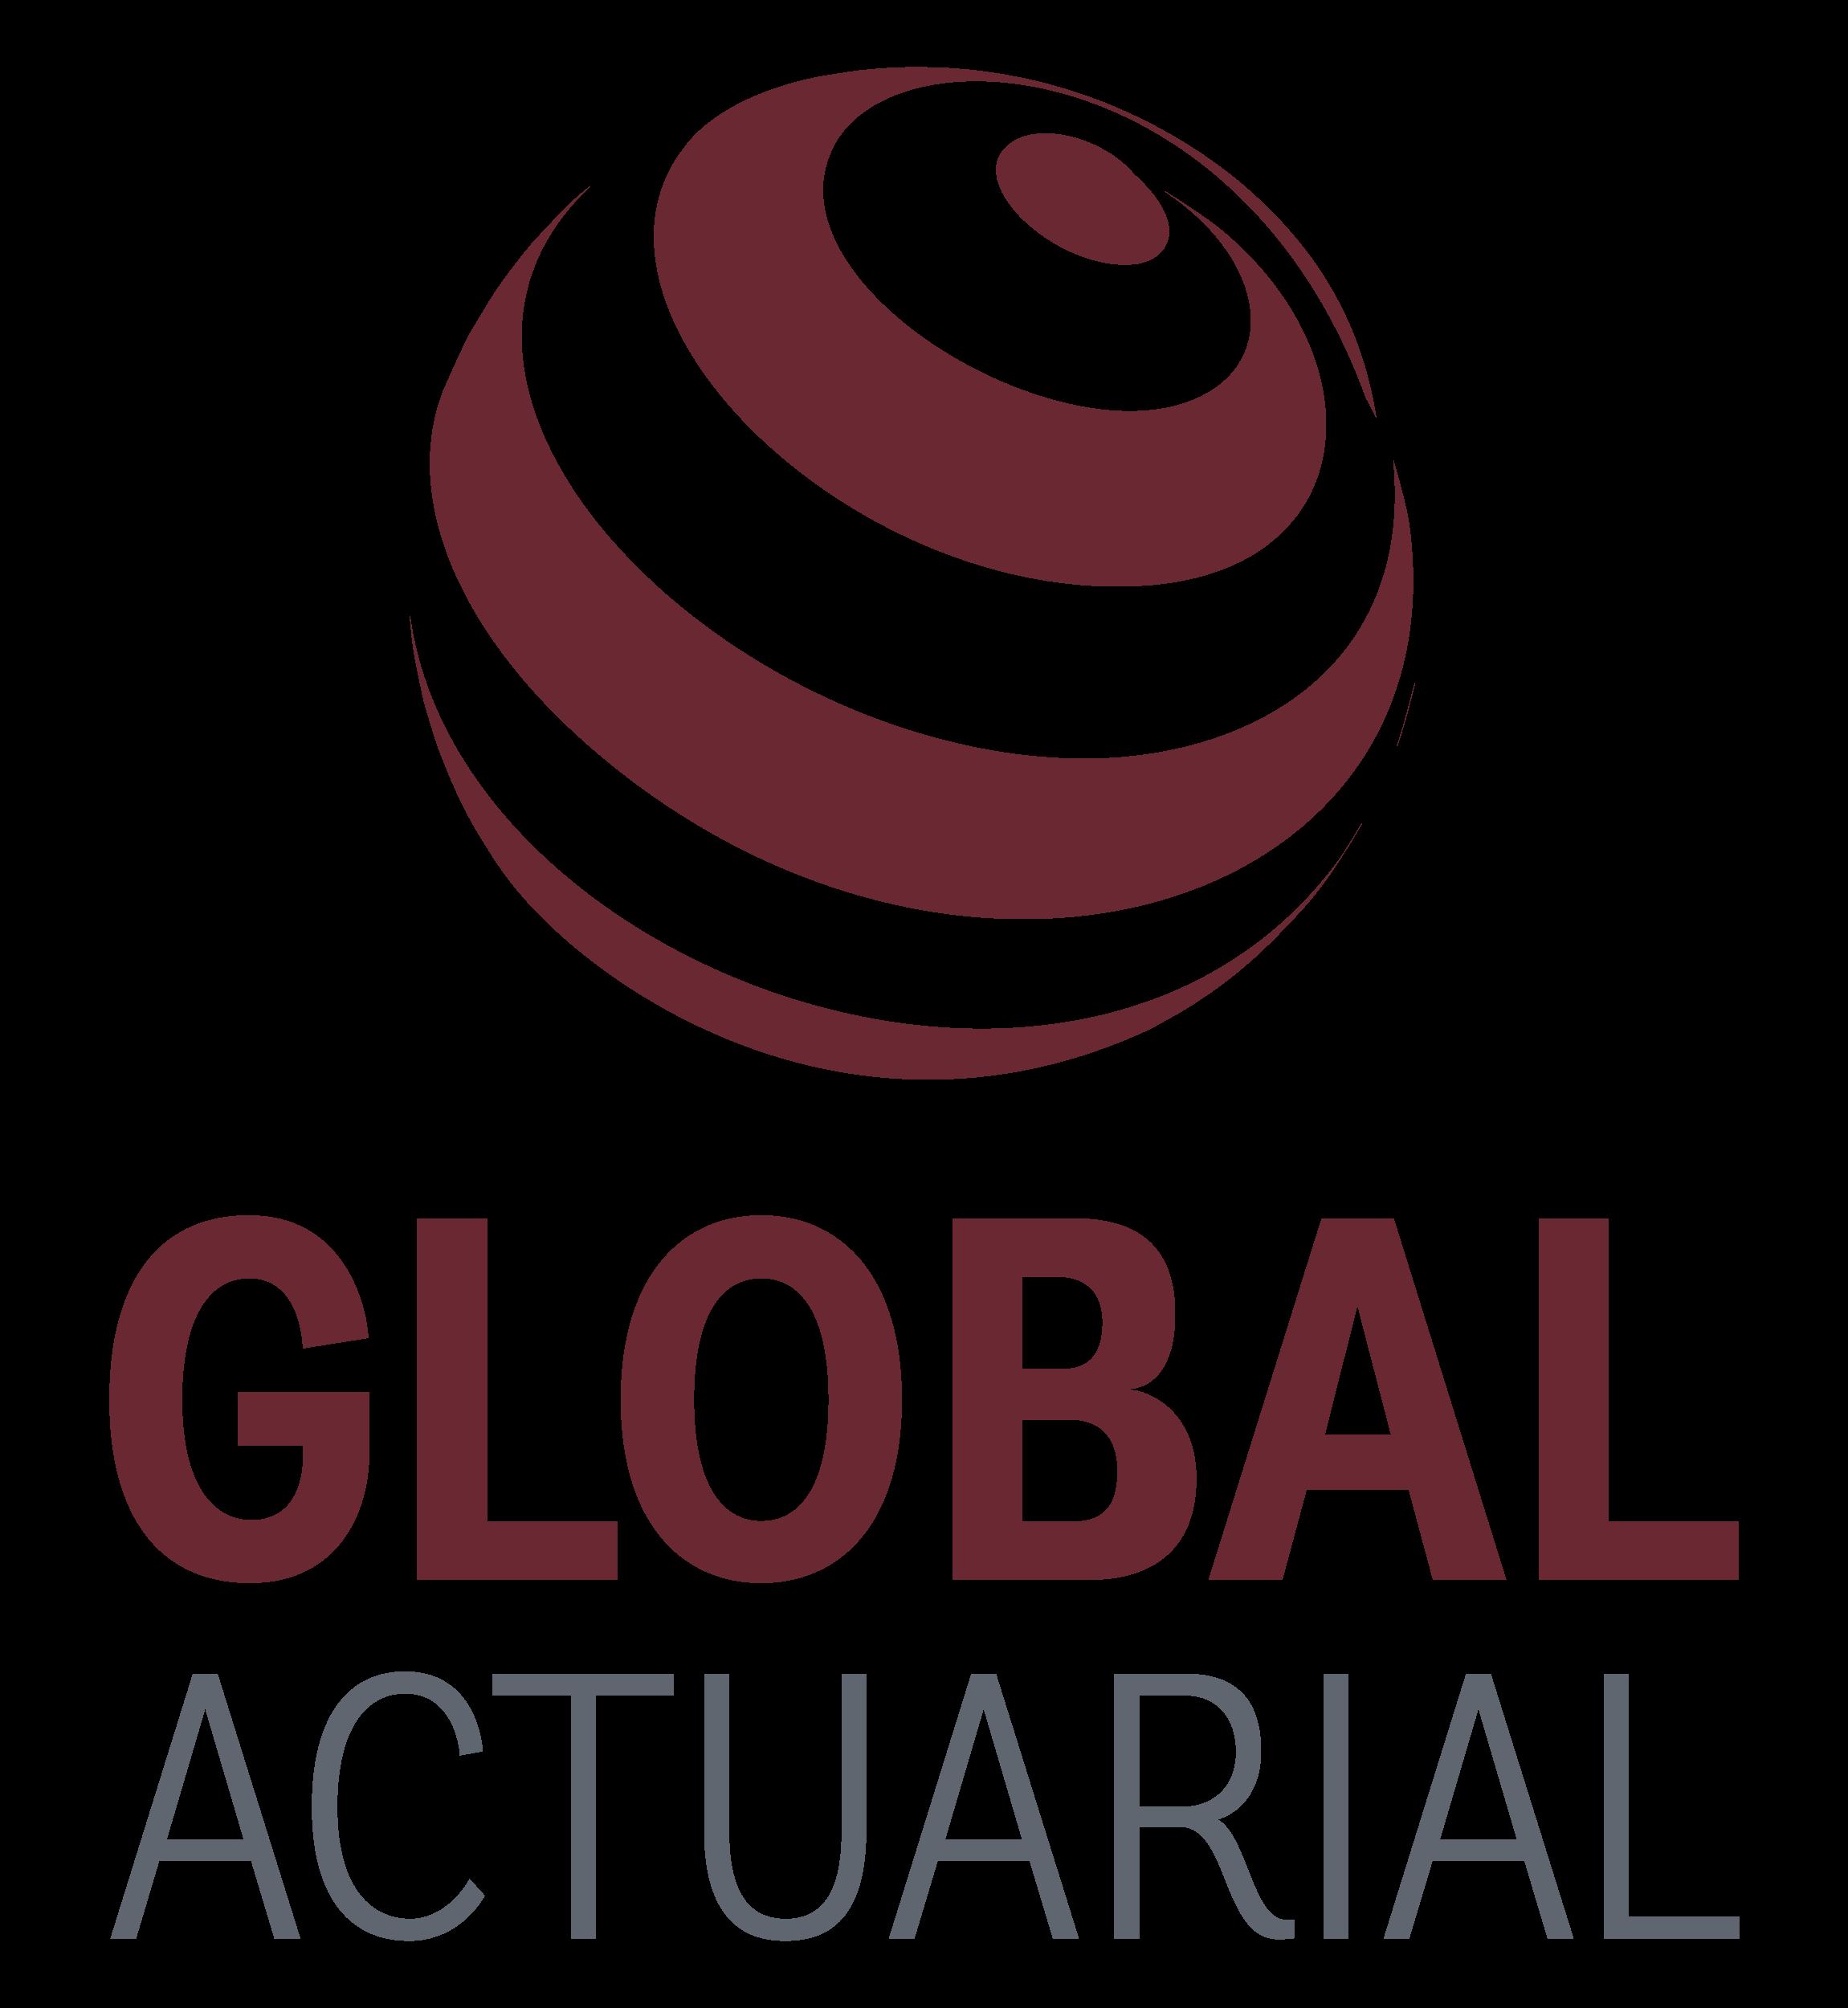 Global Actuarial